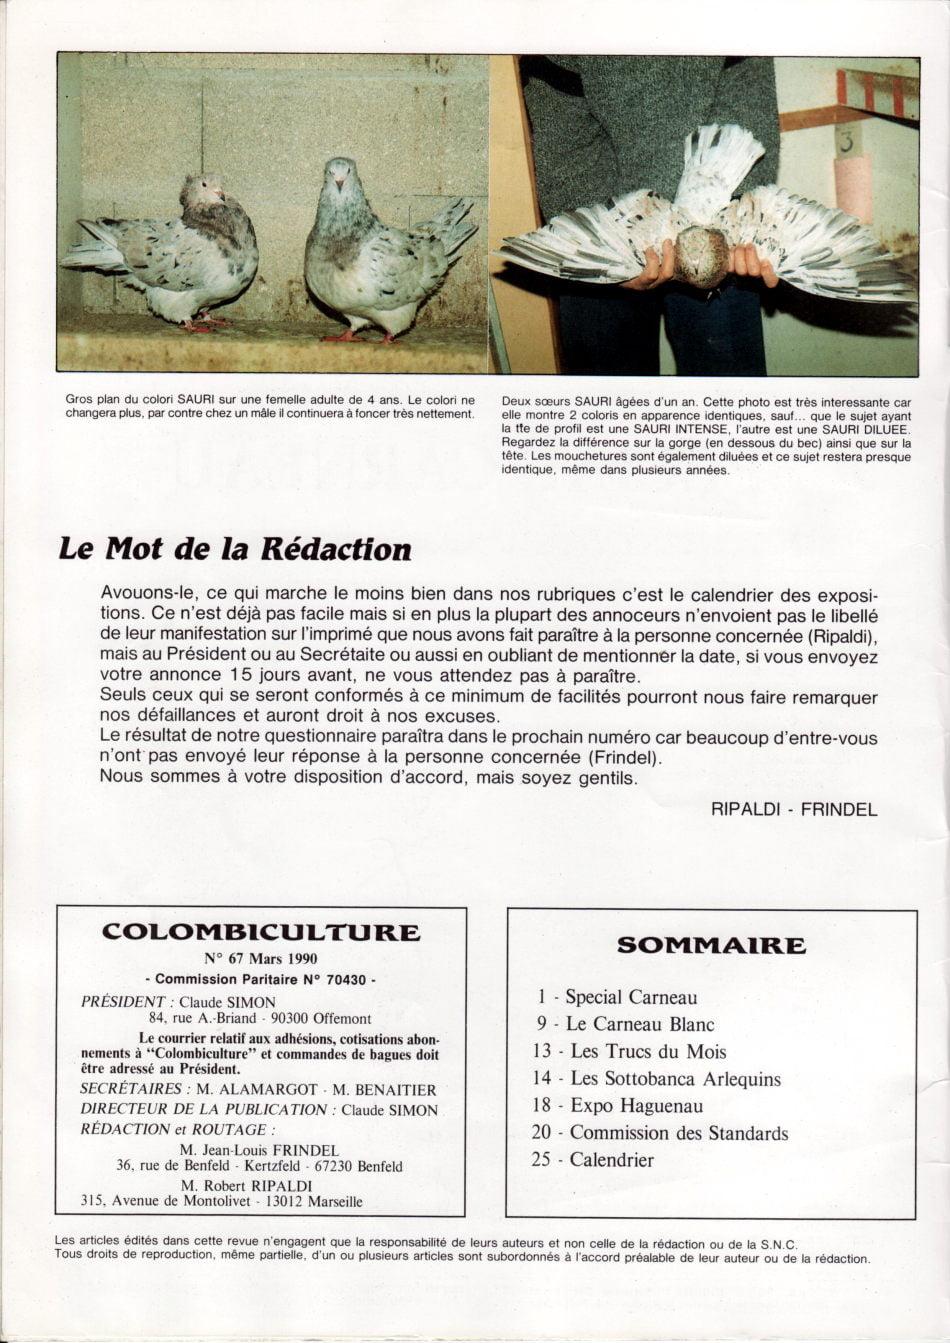 Article les sottobanca arlequins Colombiculture n°67 mars 1990 Par Jean Clavier